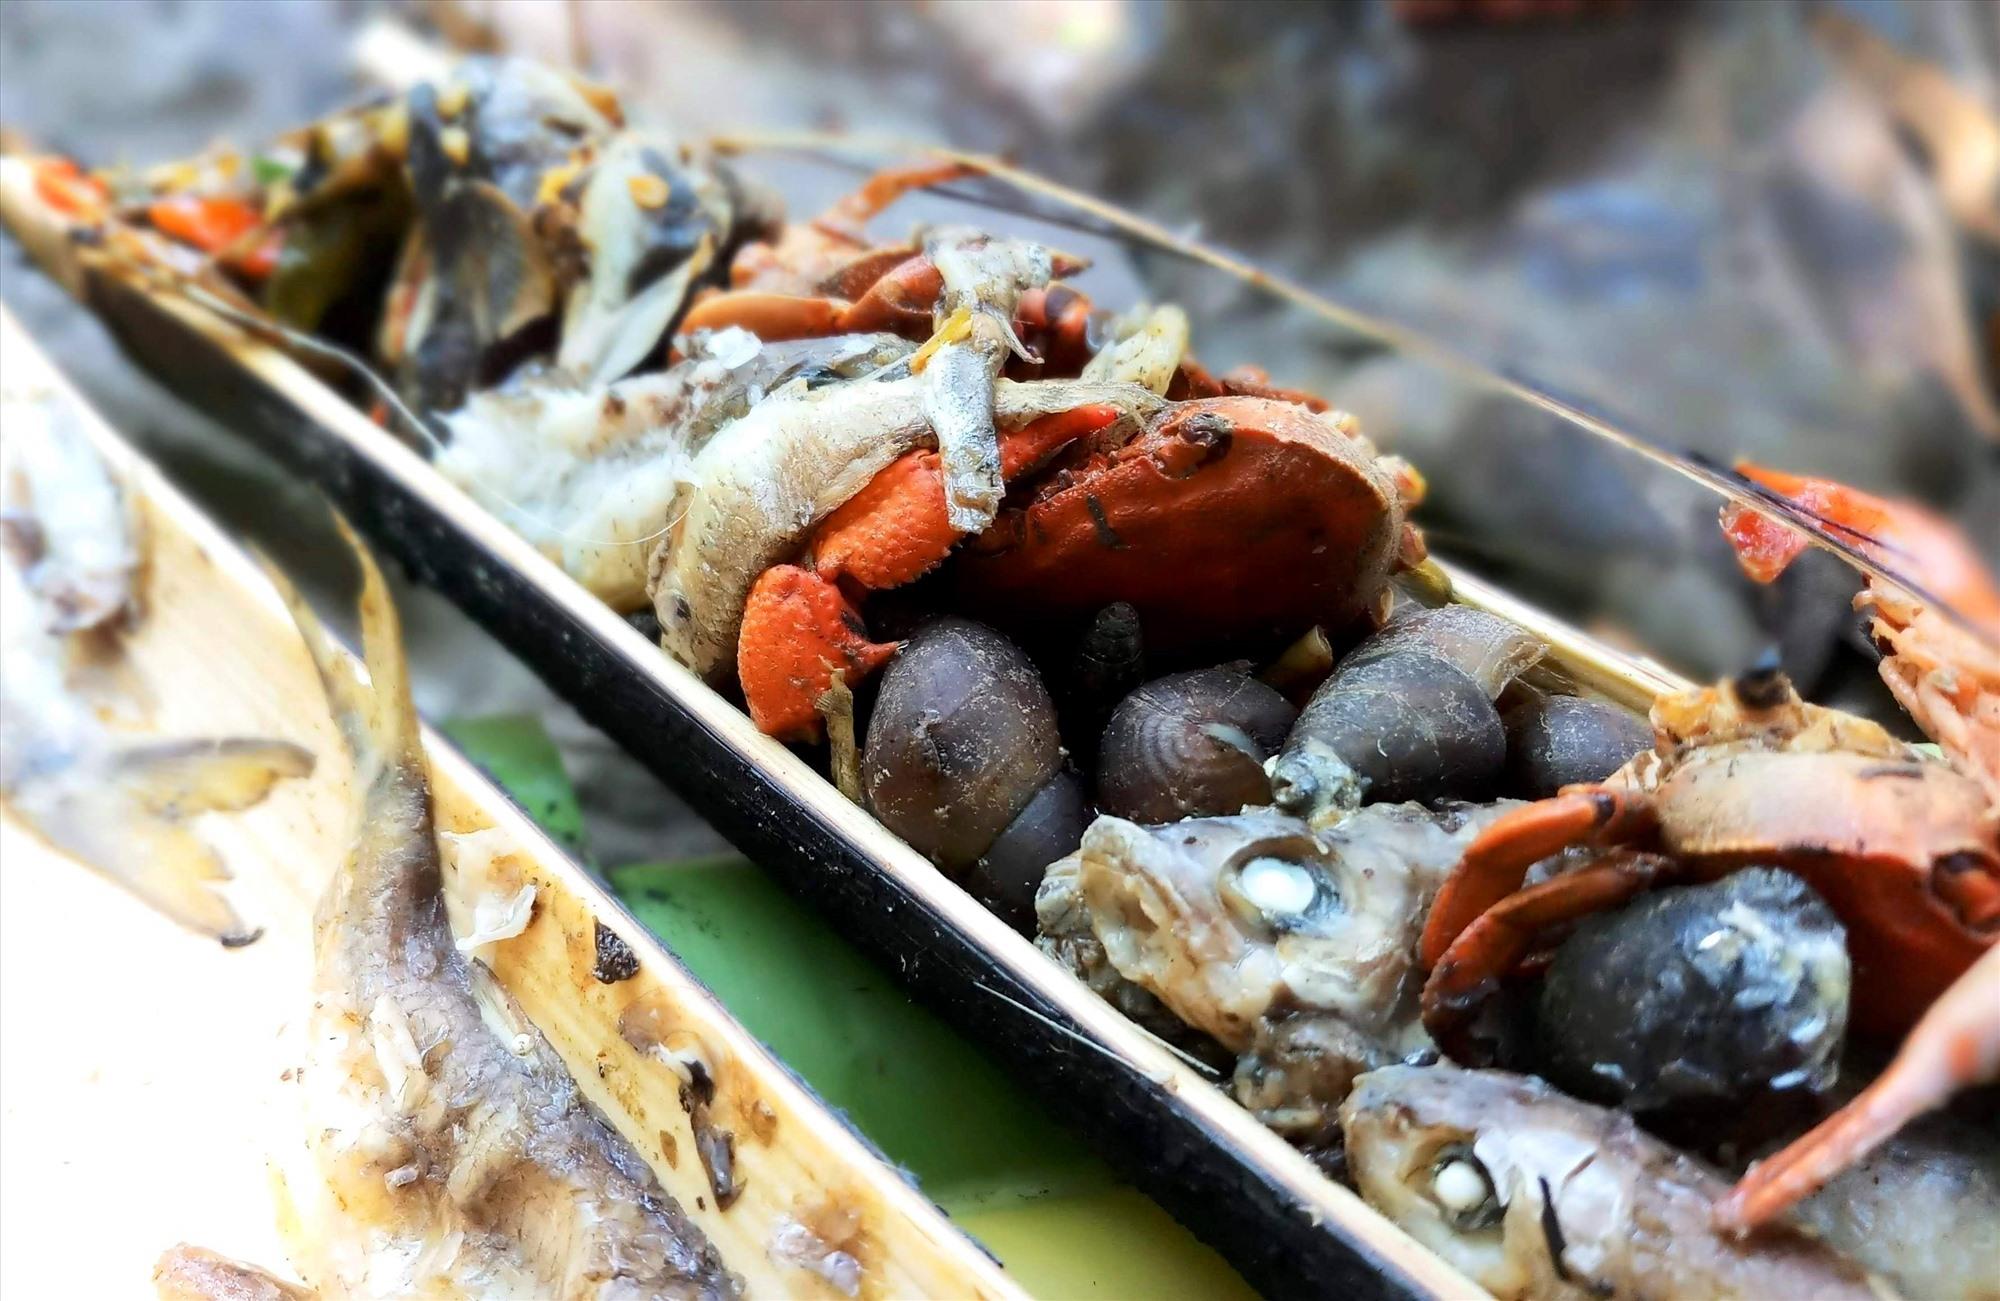 Cá, cua, ếch... sau khi bắt về được chế biến theo các món ăn truyền thống của đồng bào vùng cao. Ảnh: Đ.N